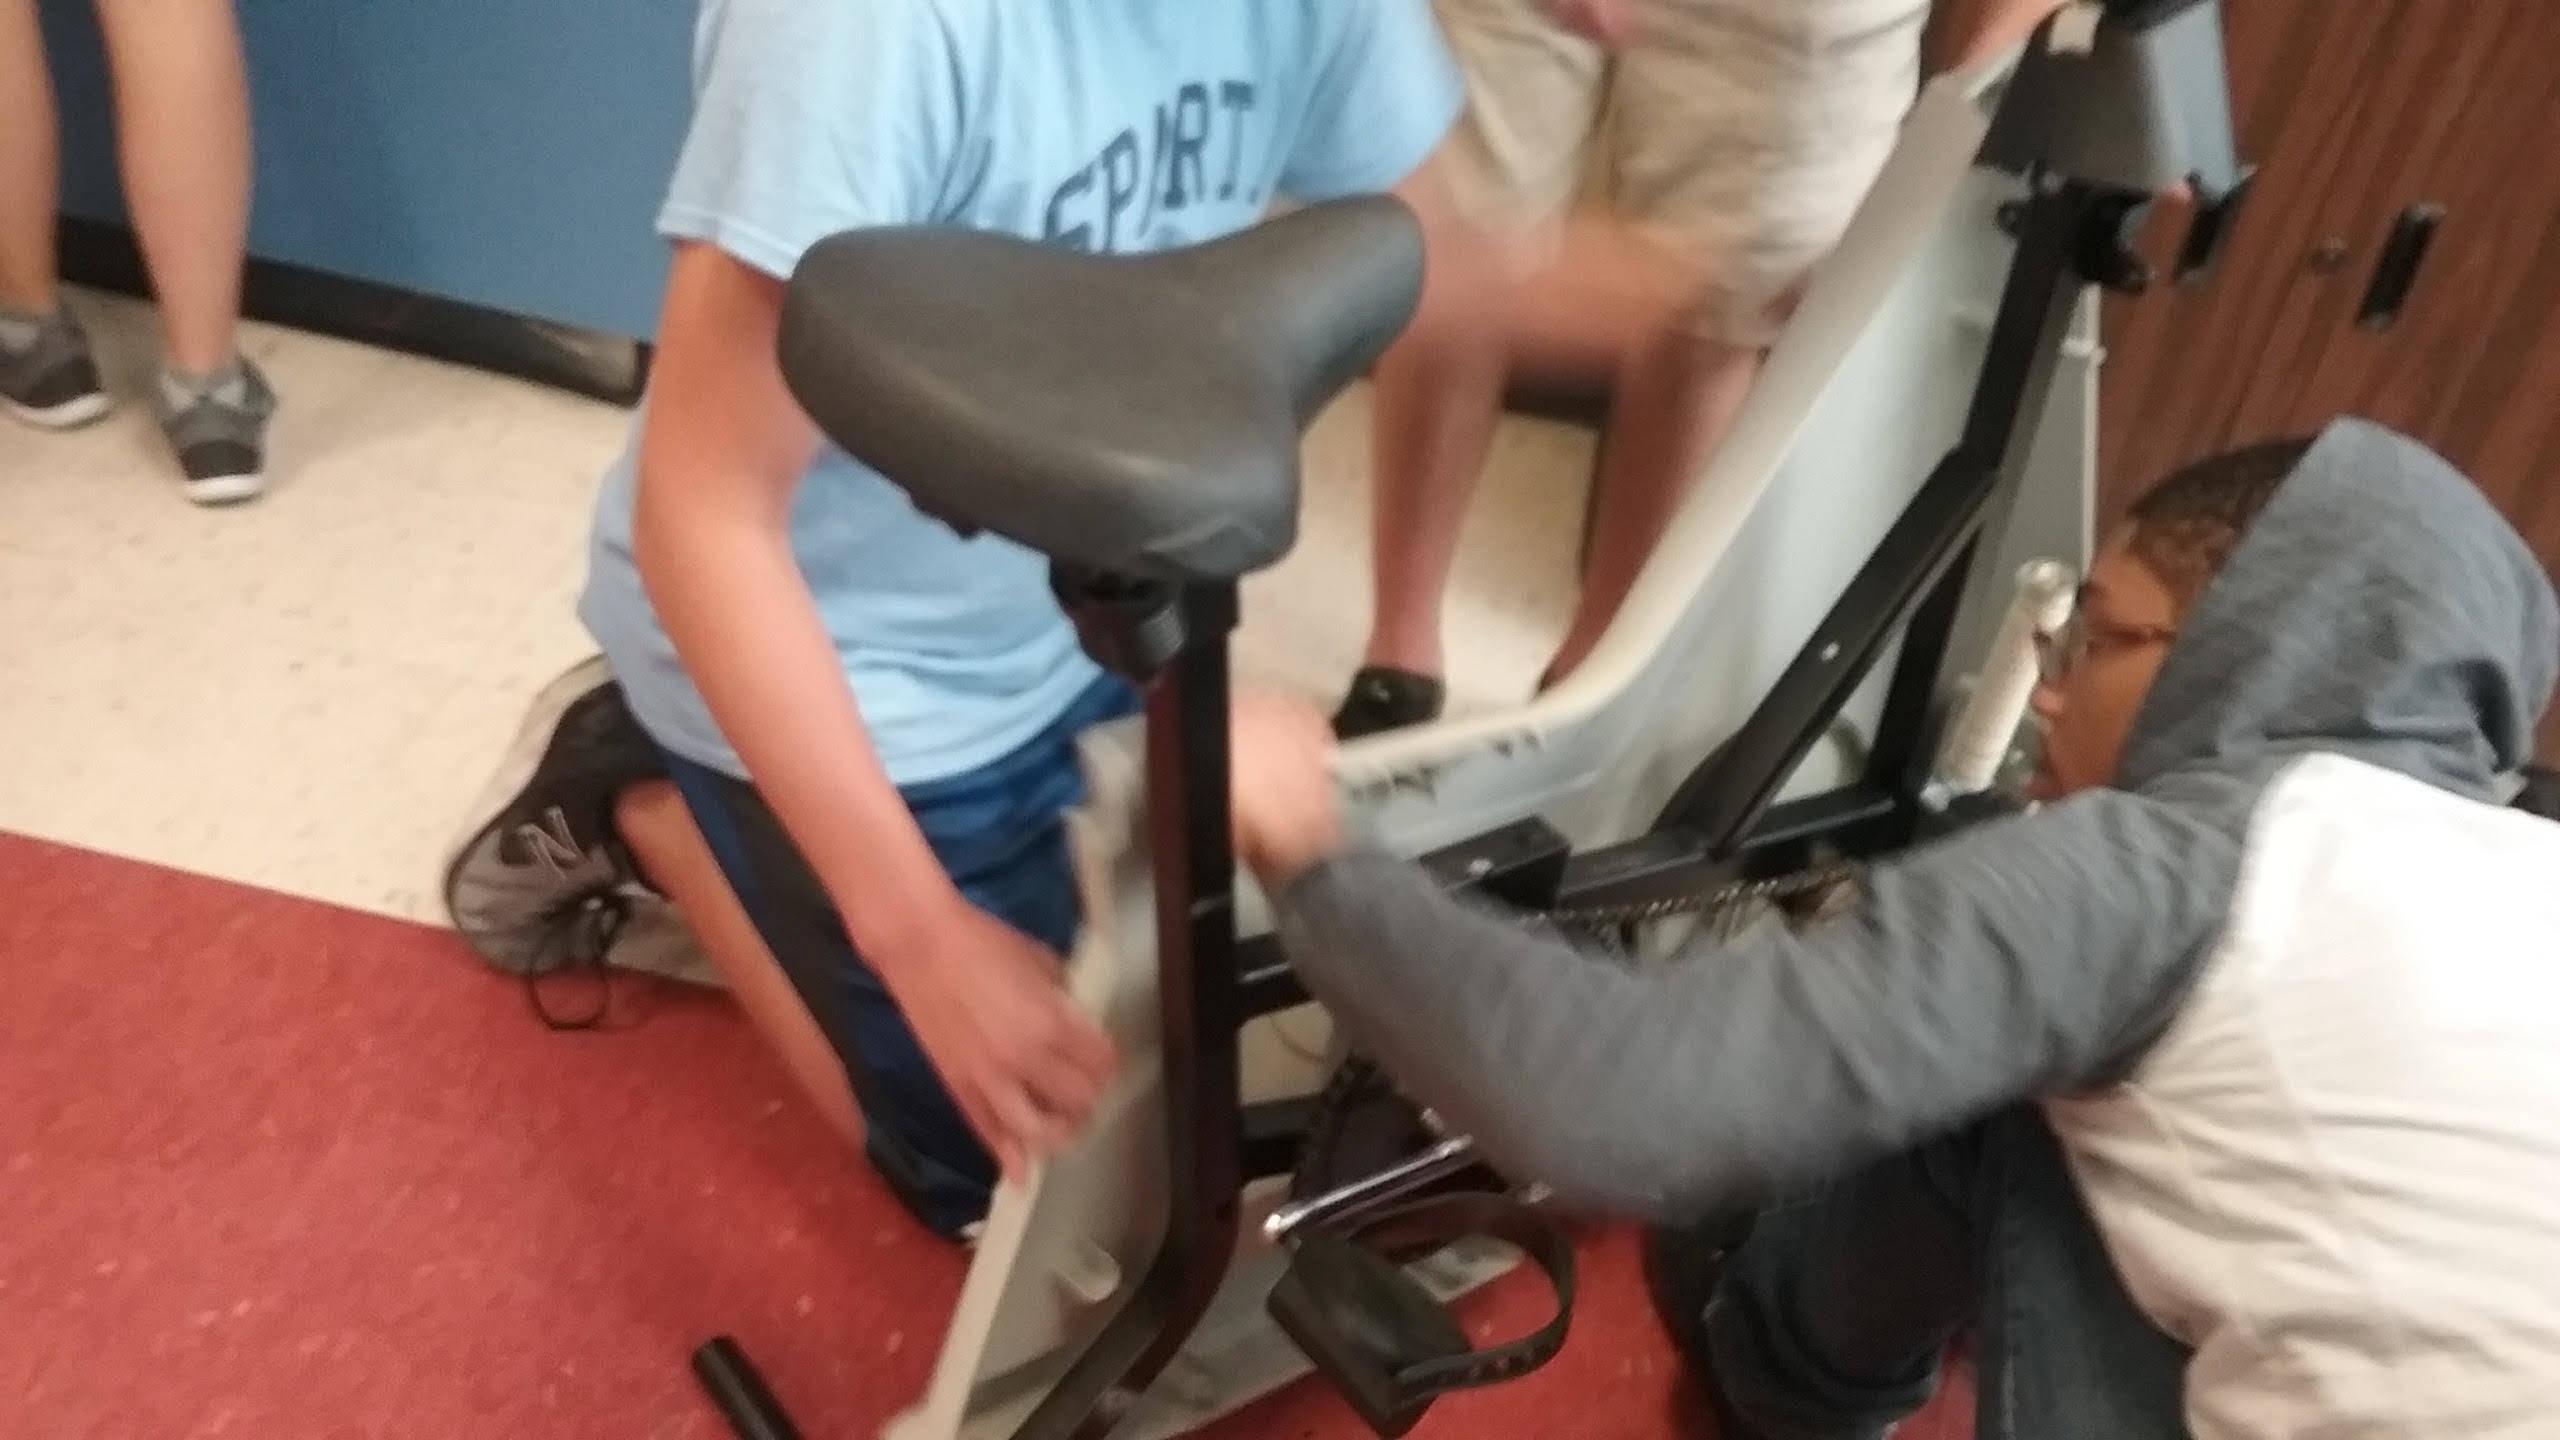 b8528ae483dc2a47b95c_exercise_bike_5.jpg